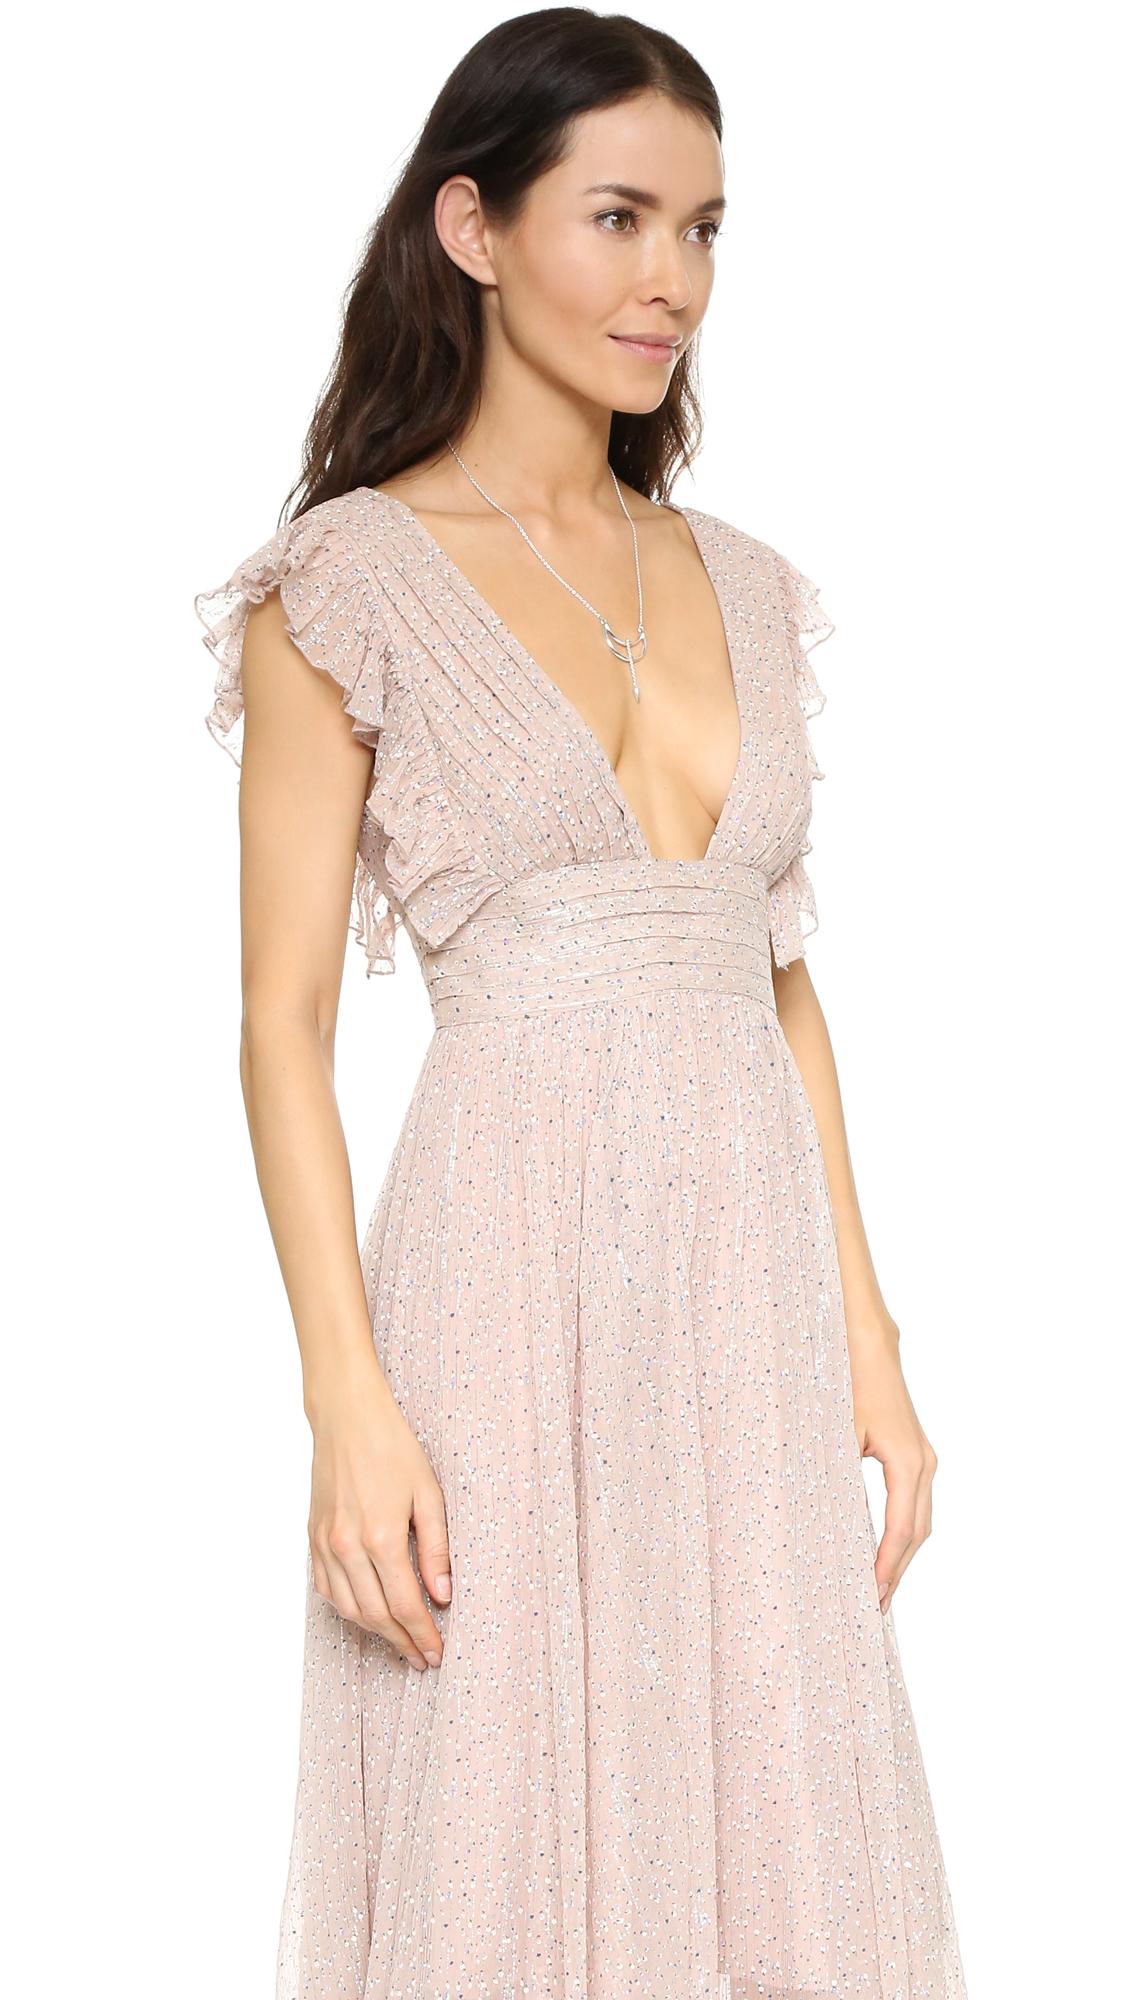 a033adbdb11 Free People My Antonia Maxi Dress in Natural - Lyst